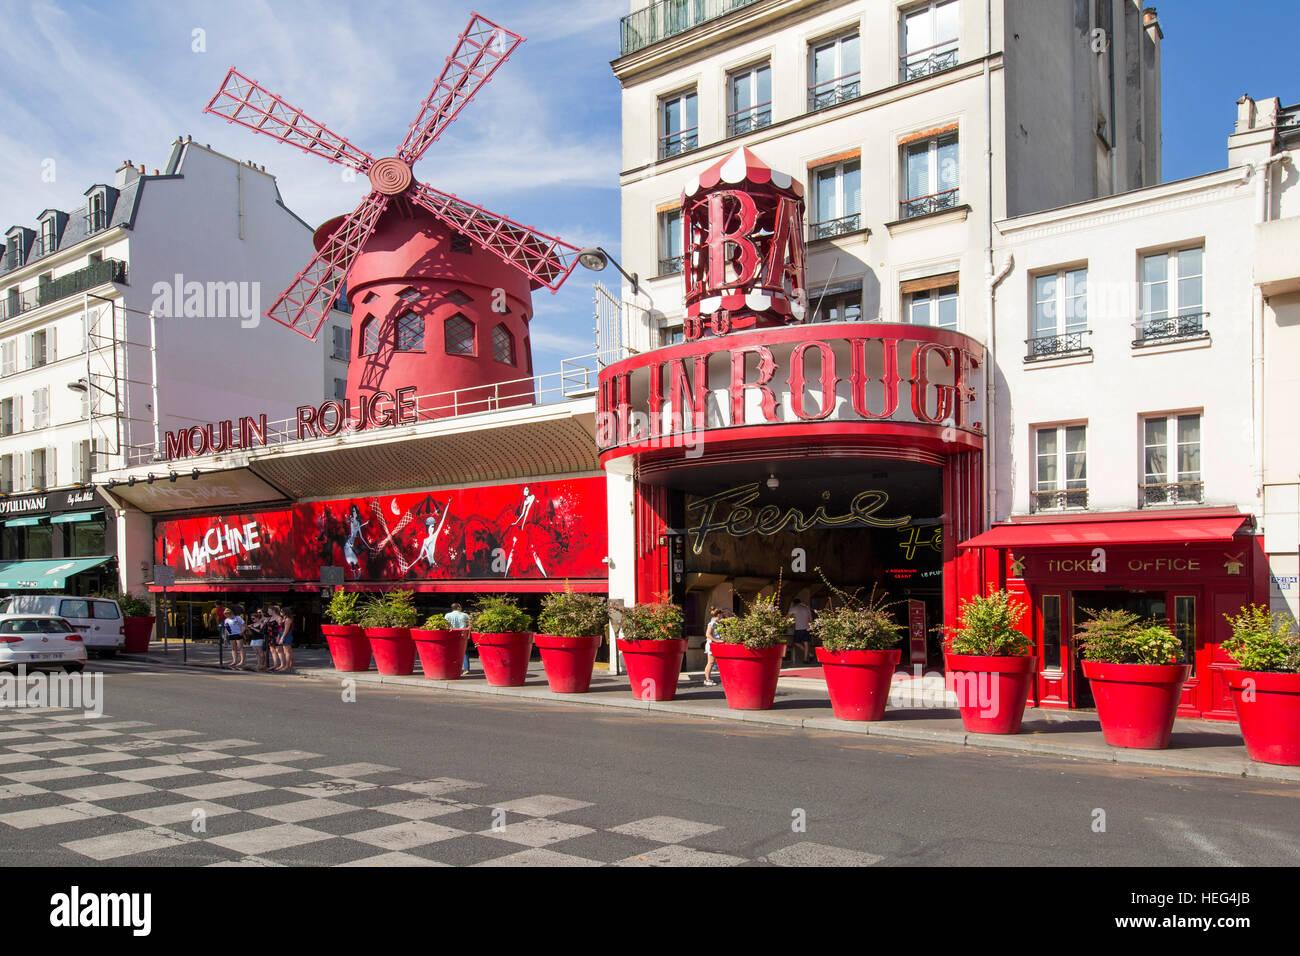 Varietétheater Moulin Rouge, Montmartre, Paris - Stock Image